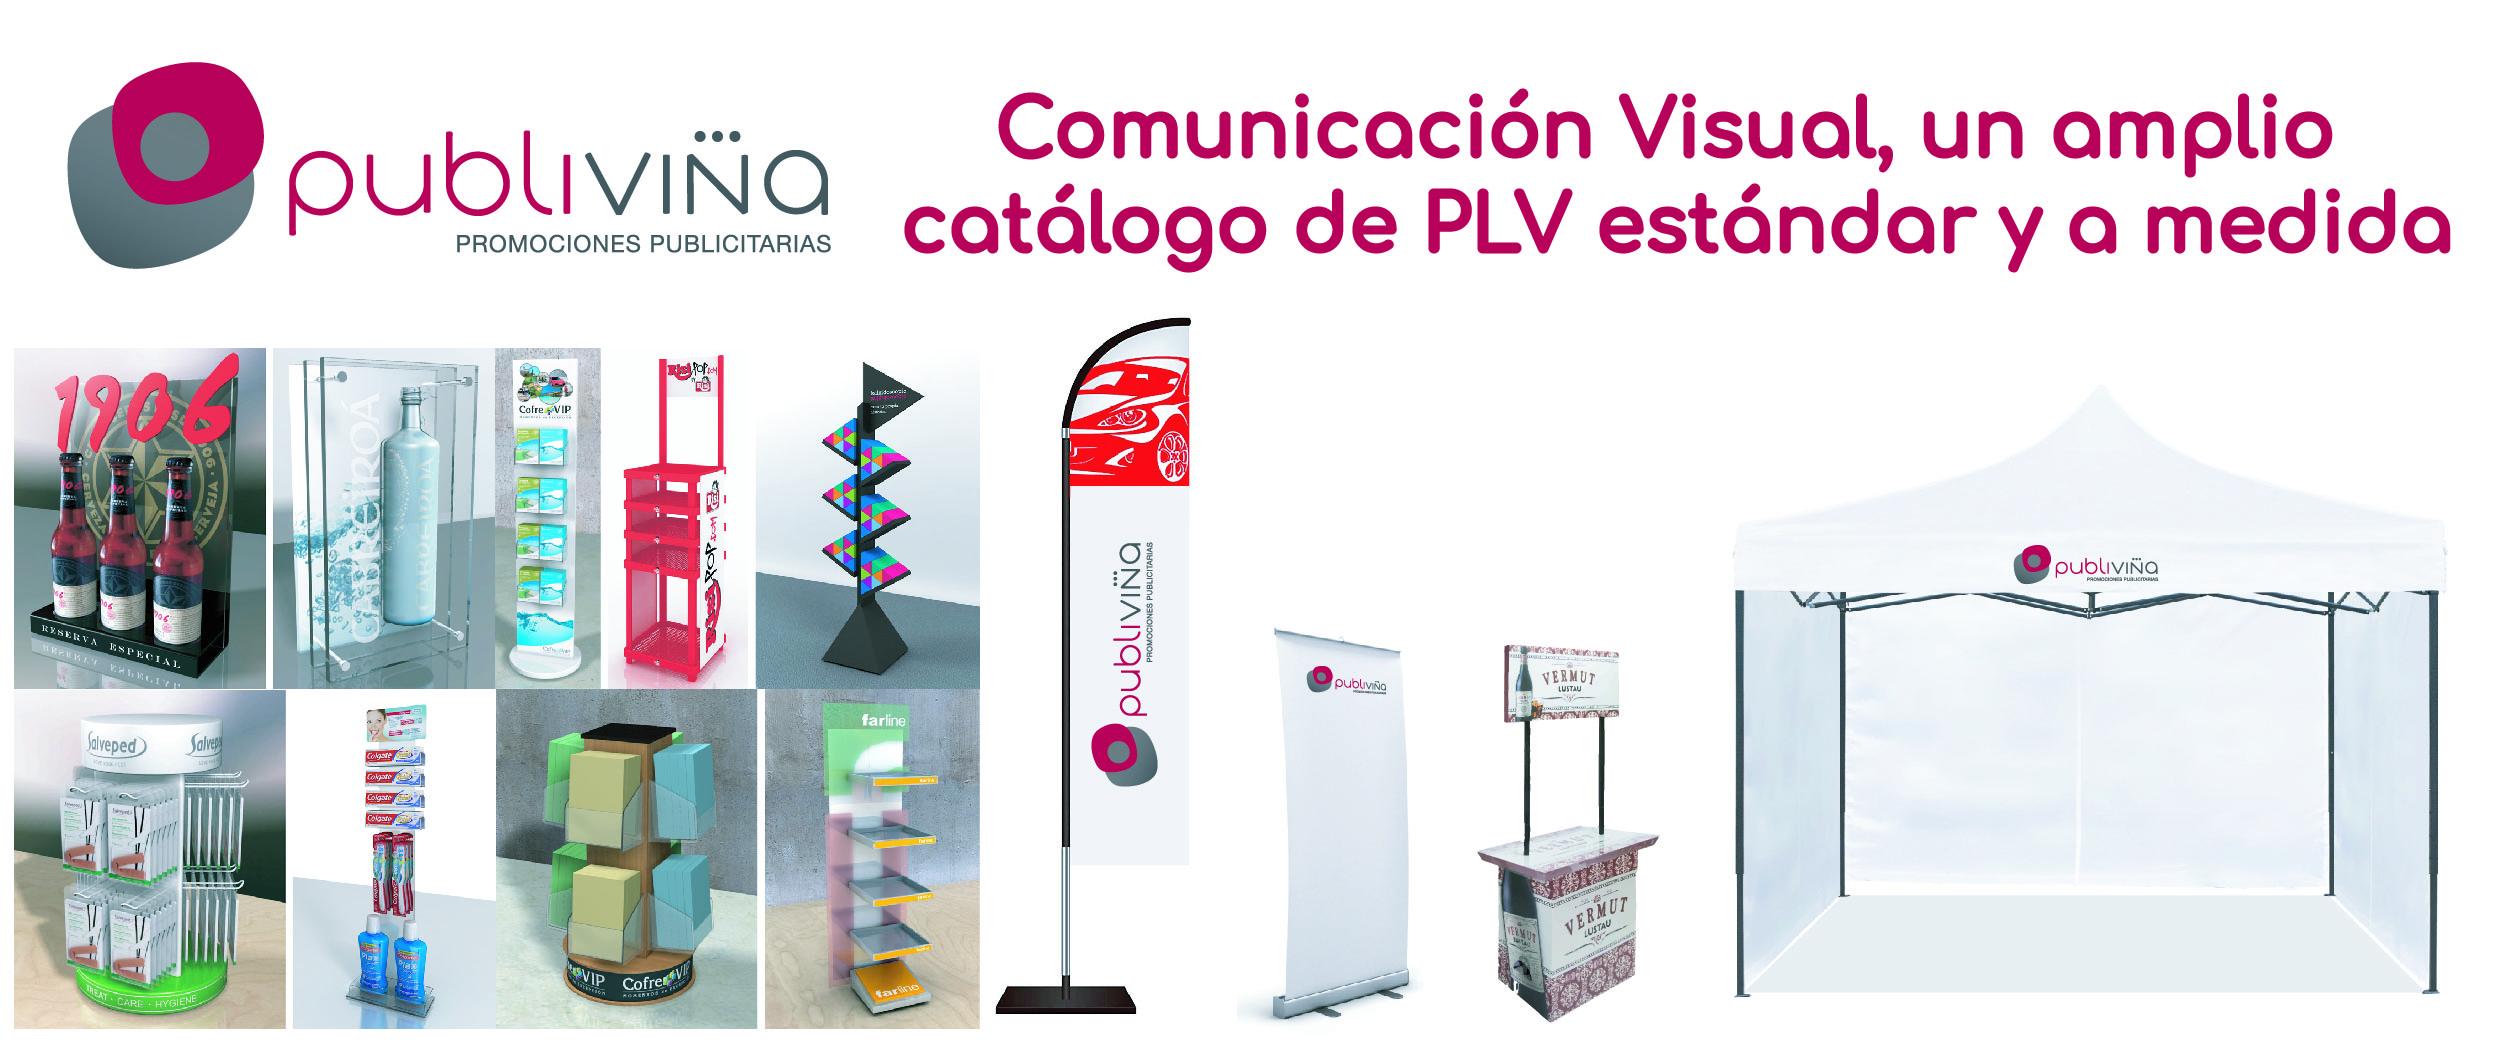 Artículos publicitarios de comunicación visual